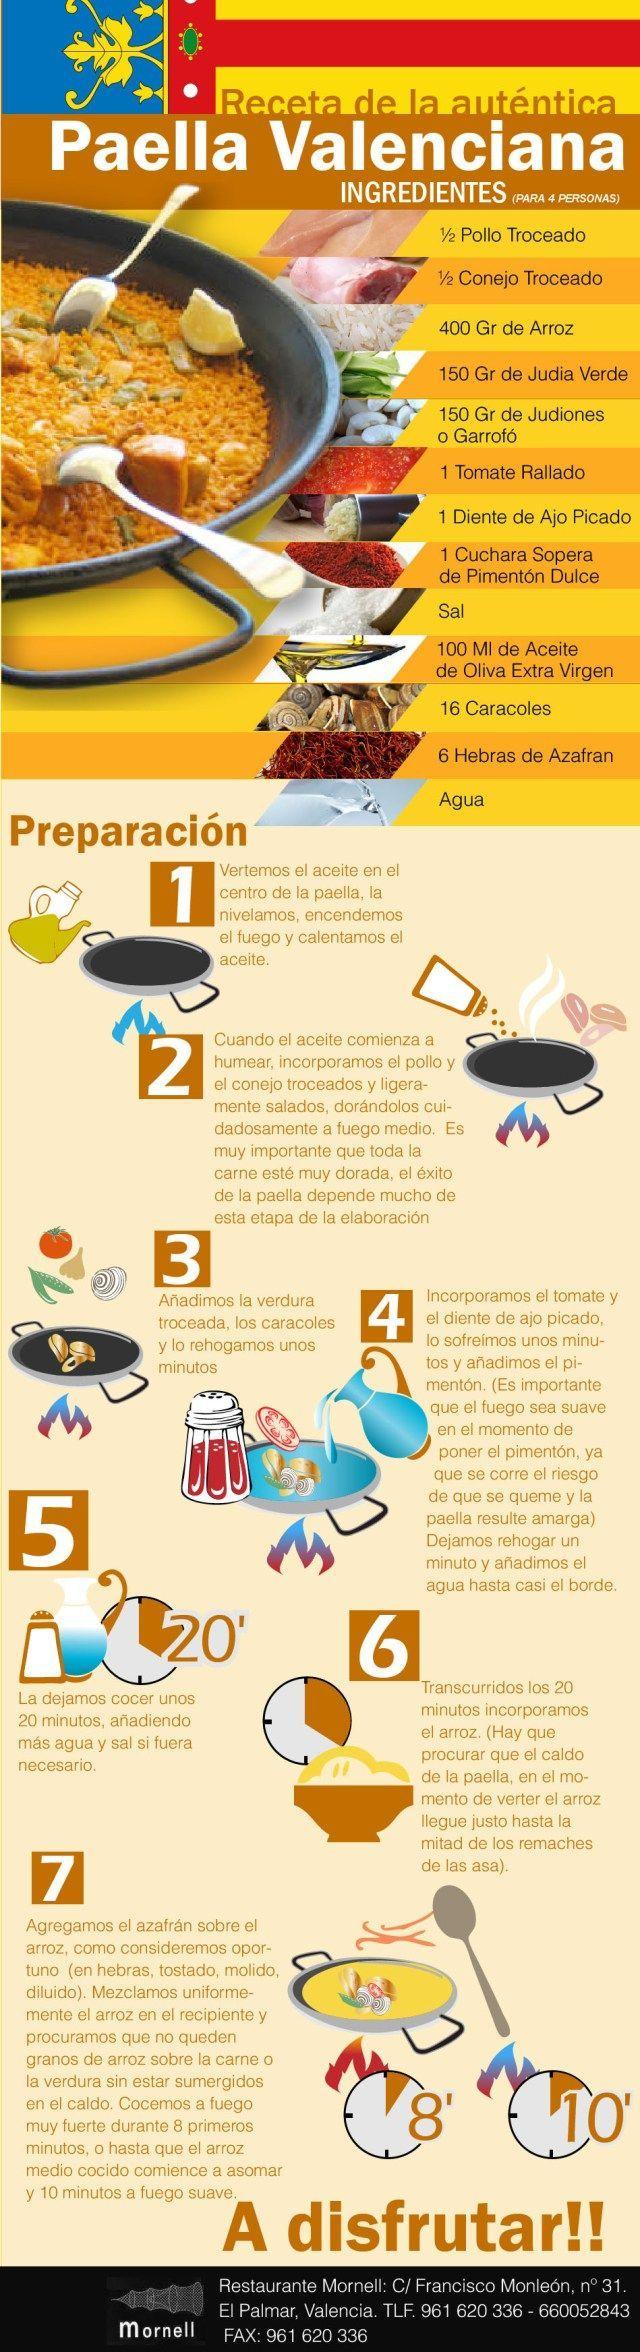 Receta de la auténtica Paella Valenciana | Desde un punto de vista tradicional la paella tiene unos ingredientes típicos y una manera de cocinarla bastante aceptada. A continuación os dejamos una infografía con los ingredientes y los pasos para elaborar l